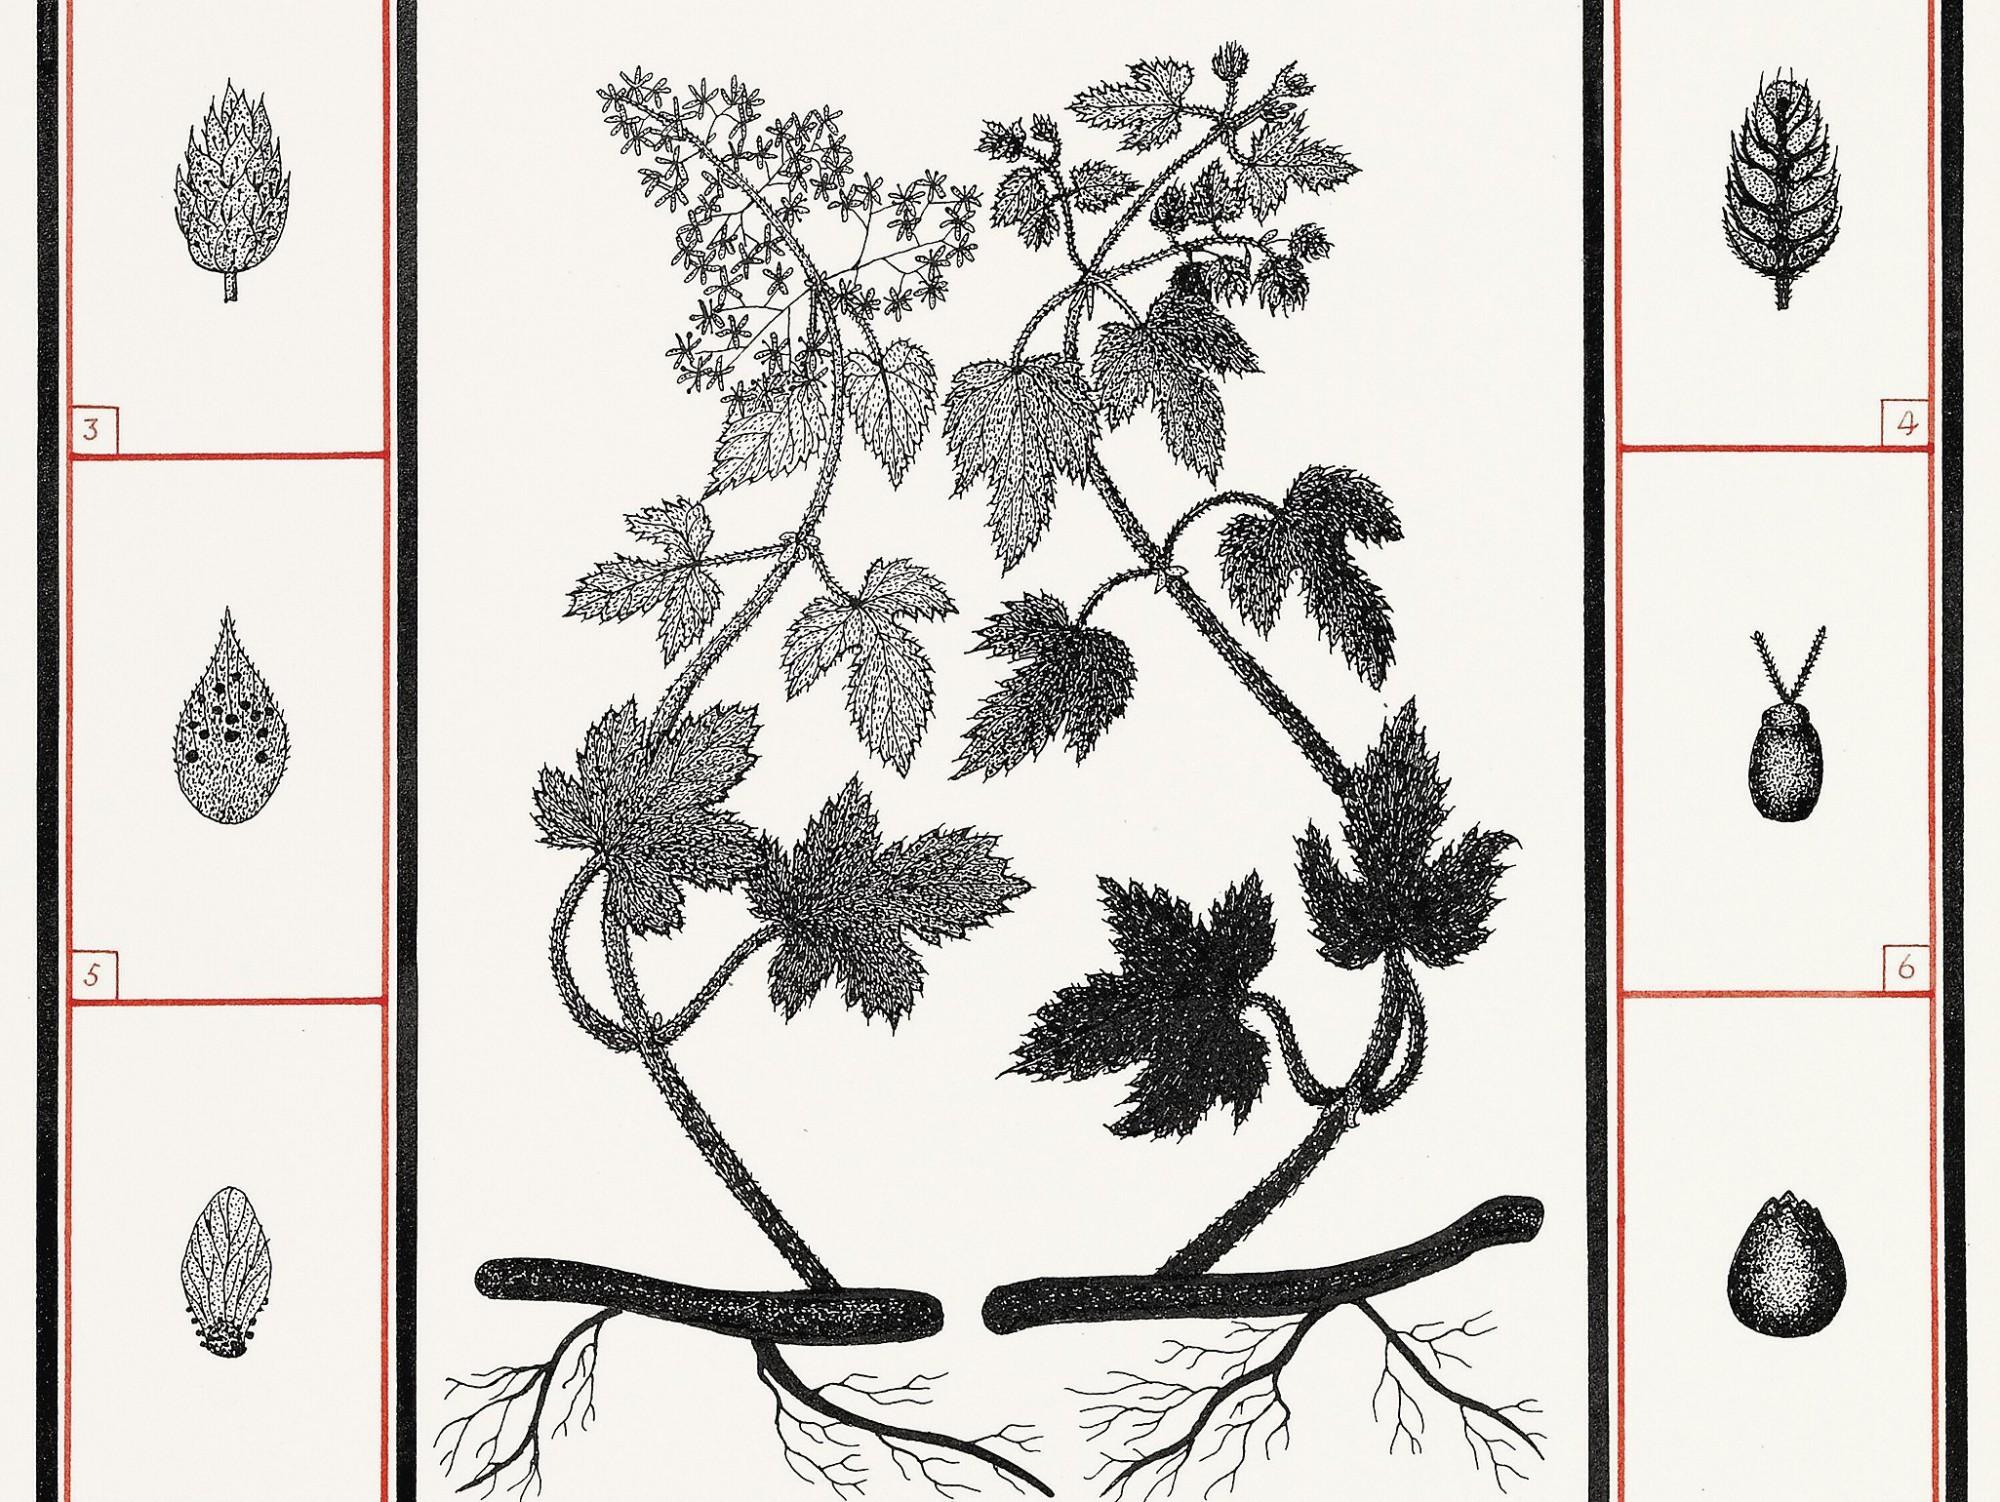 Afbeelding: Het maken van reproducties van tekeningen. Plantenboek van © Jos Aerts voor stad Turnhout.